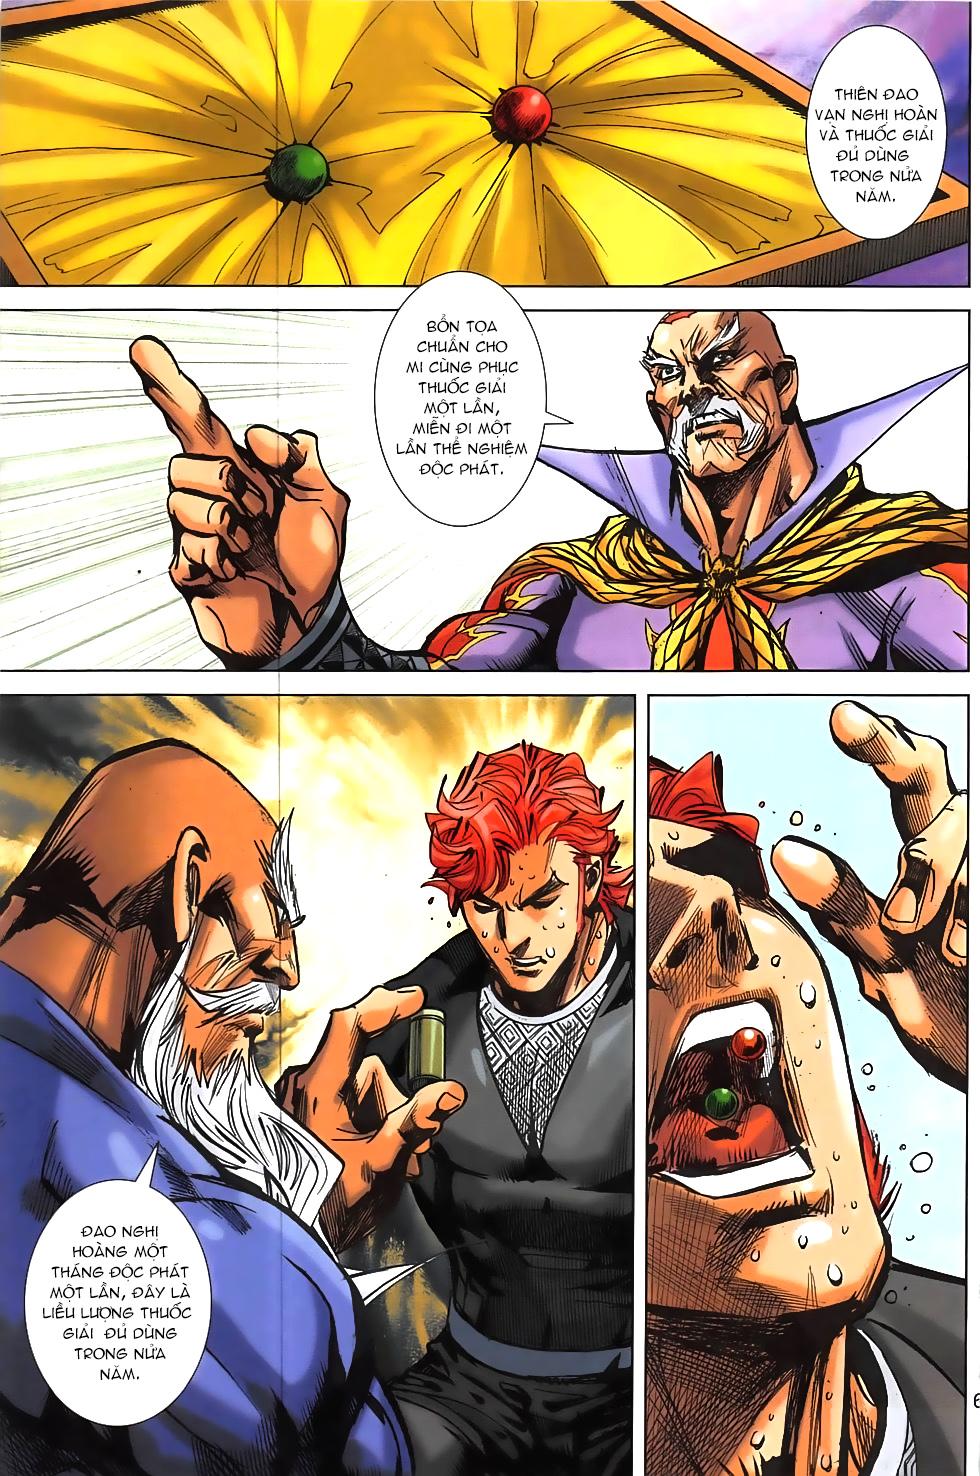 Hoàng Giả Chi Lộ chap 12.2 Trang 33 - Mangak.info